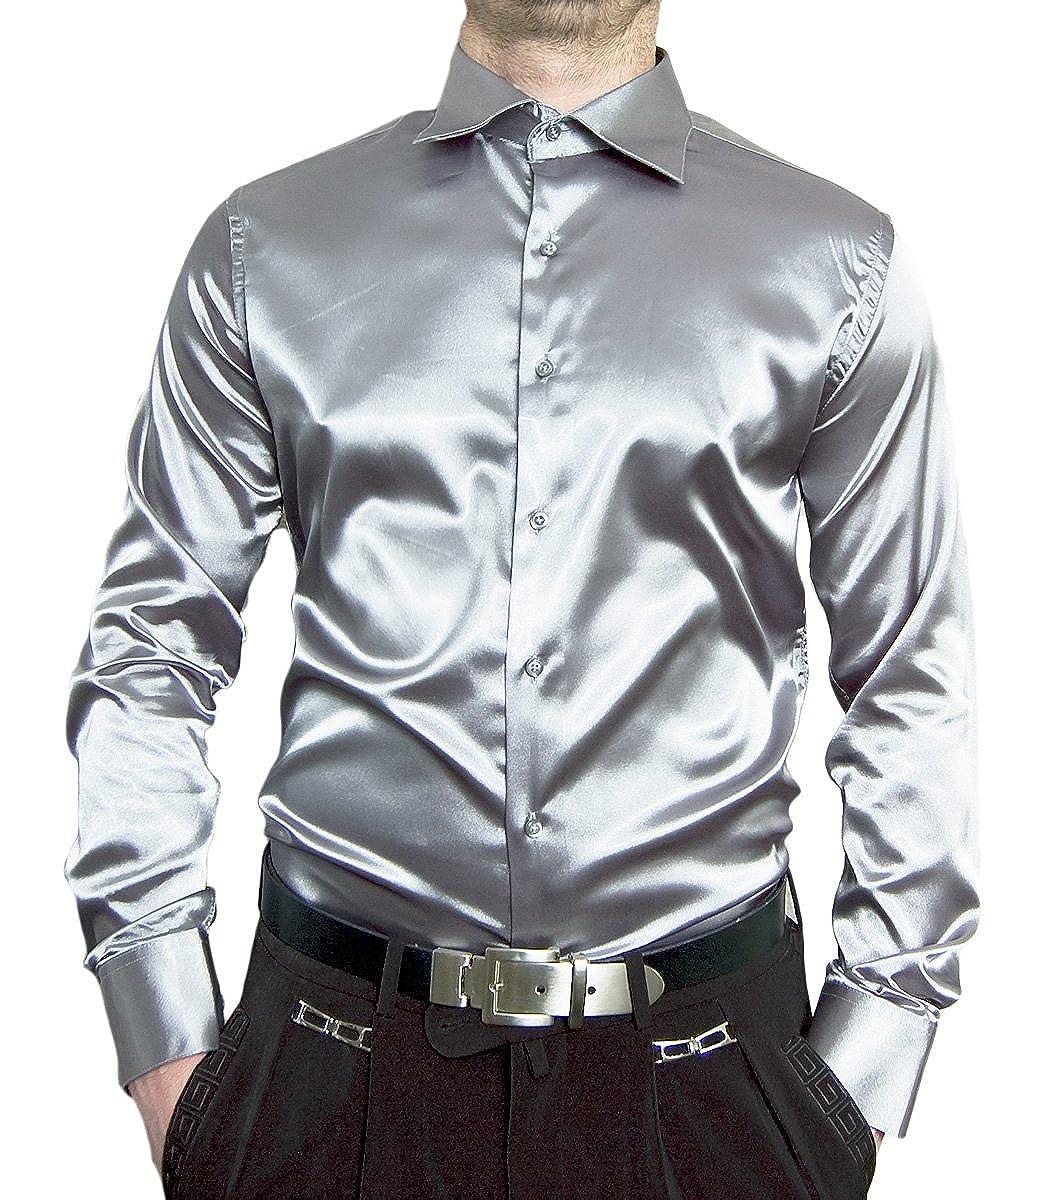 Pierre Martin Designer Herren Glanz Hemd Slim Slim Slim Fit tailliert bügelleicht langarm Glanzhemd eng geschnitten bunt B007VN1FYE Freizeit Ruf zuerst 9d5b23